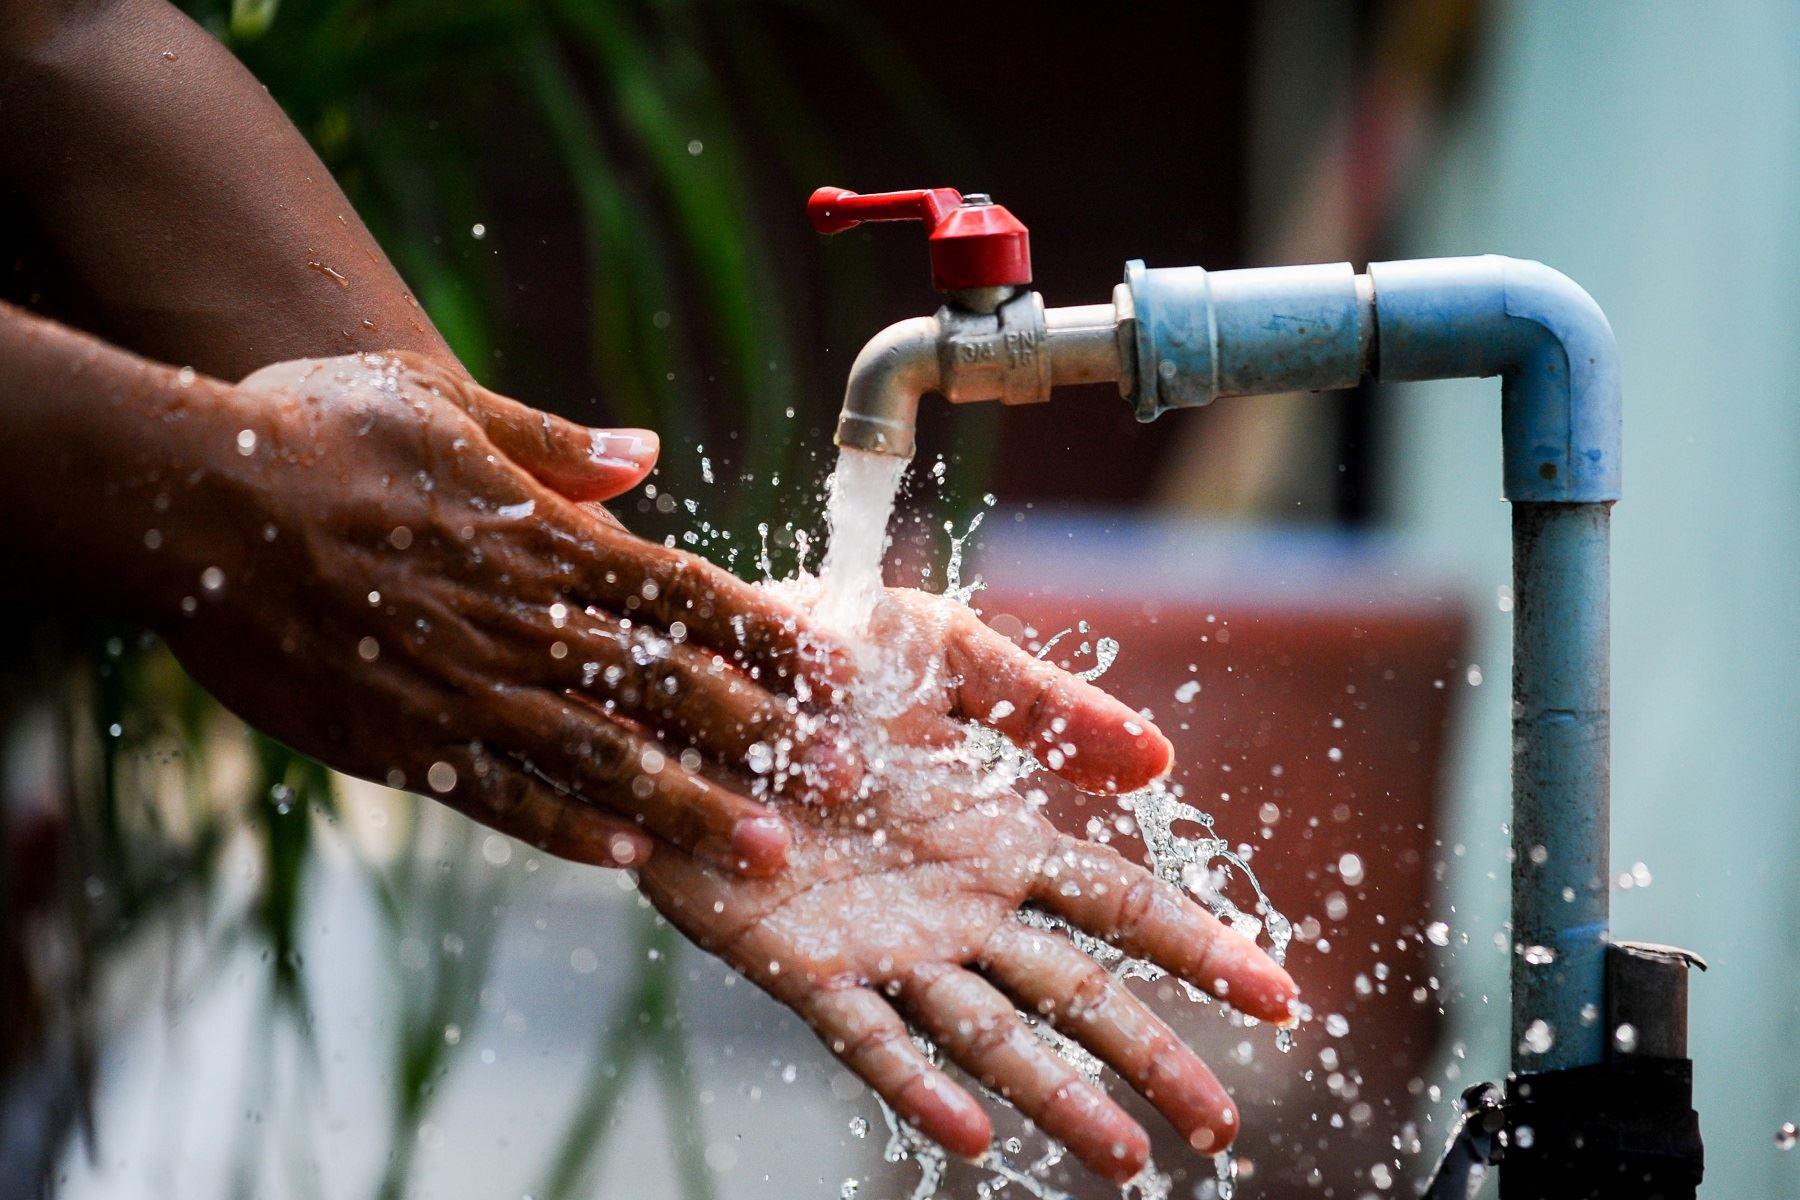 Sunass implementará acciones para mejorar servicios de agua y saneamiento en el país